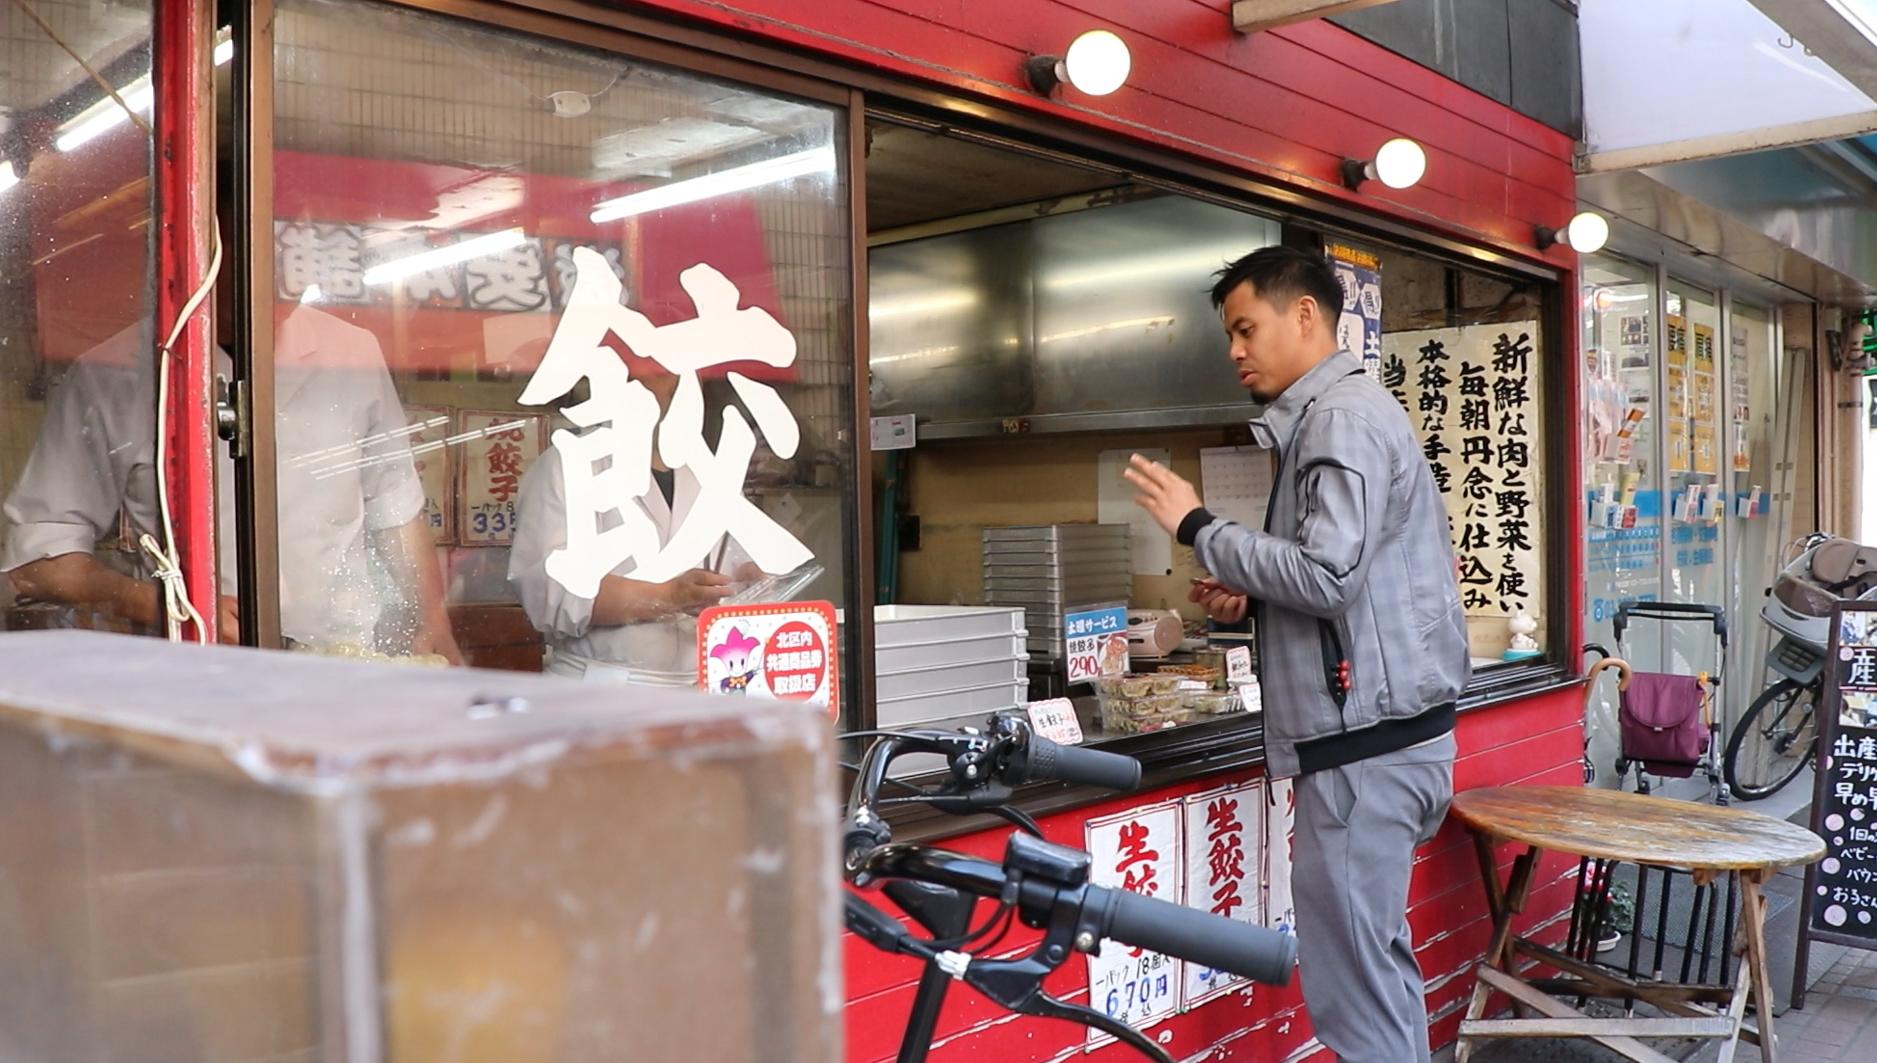 十条銀座商店街 食べ歩き オススメ 餃子